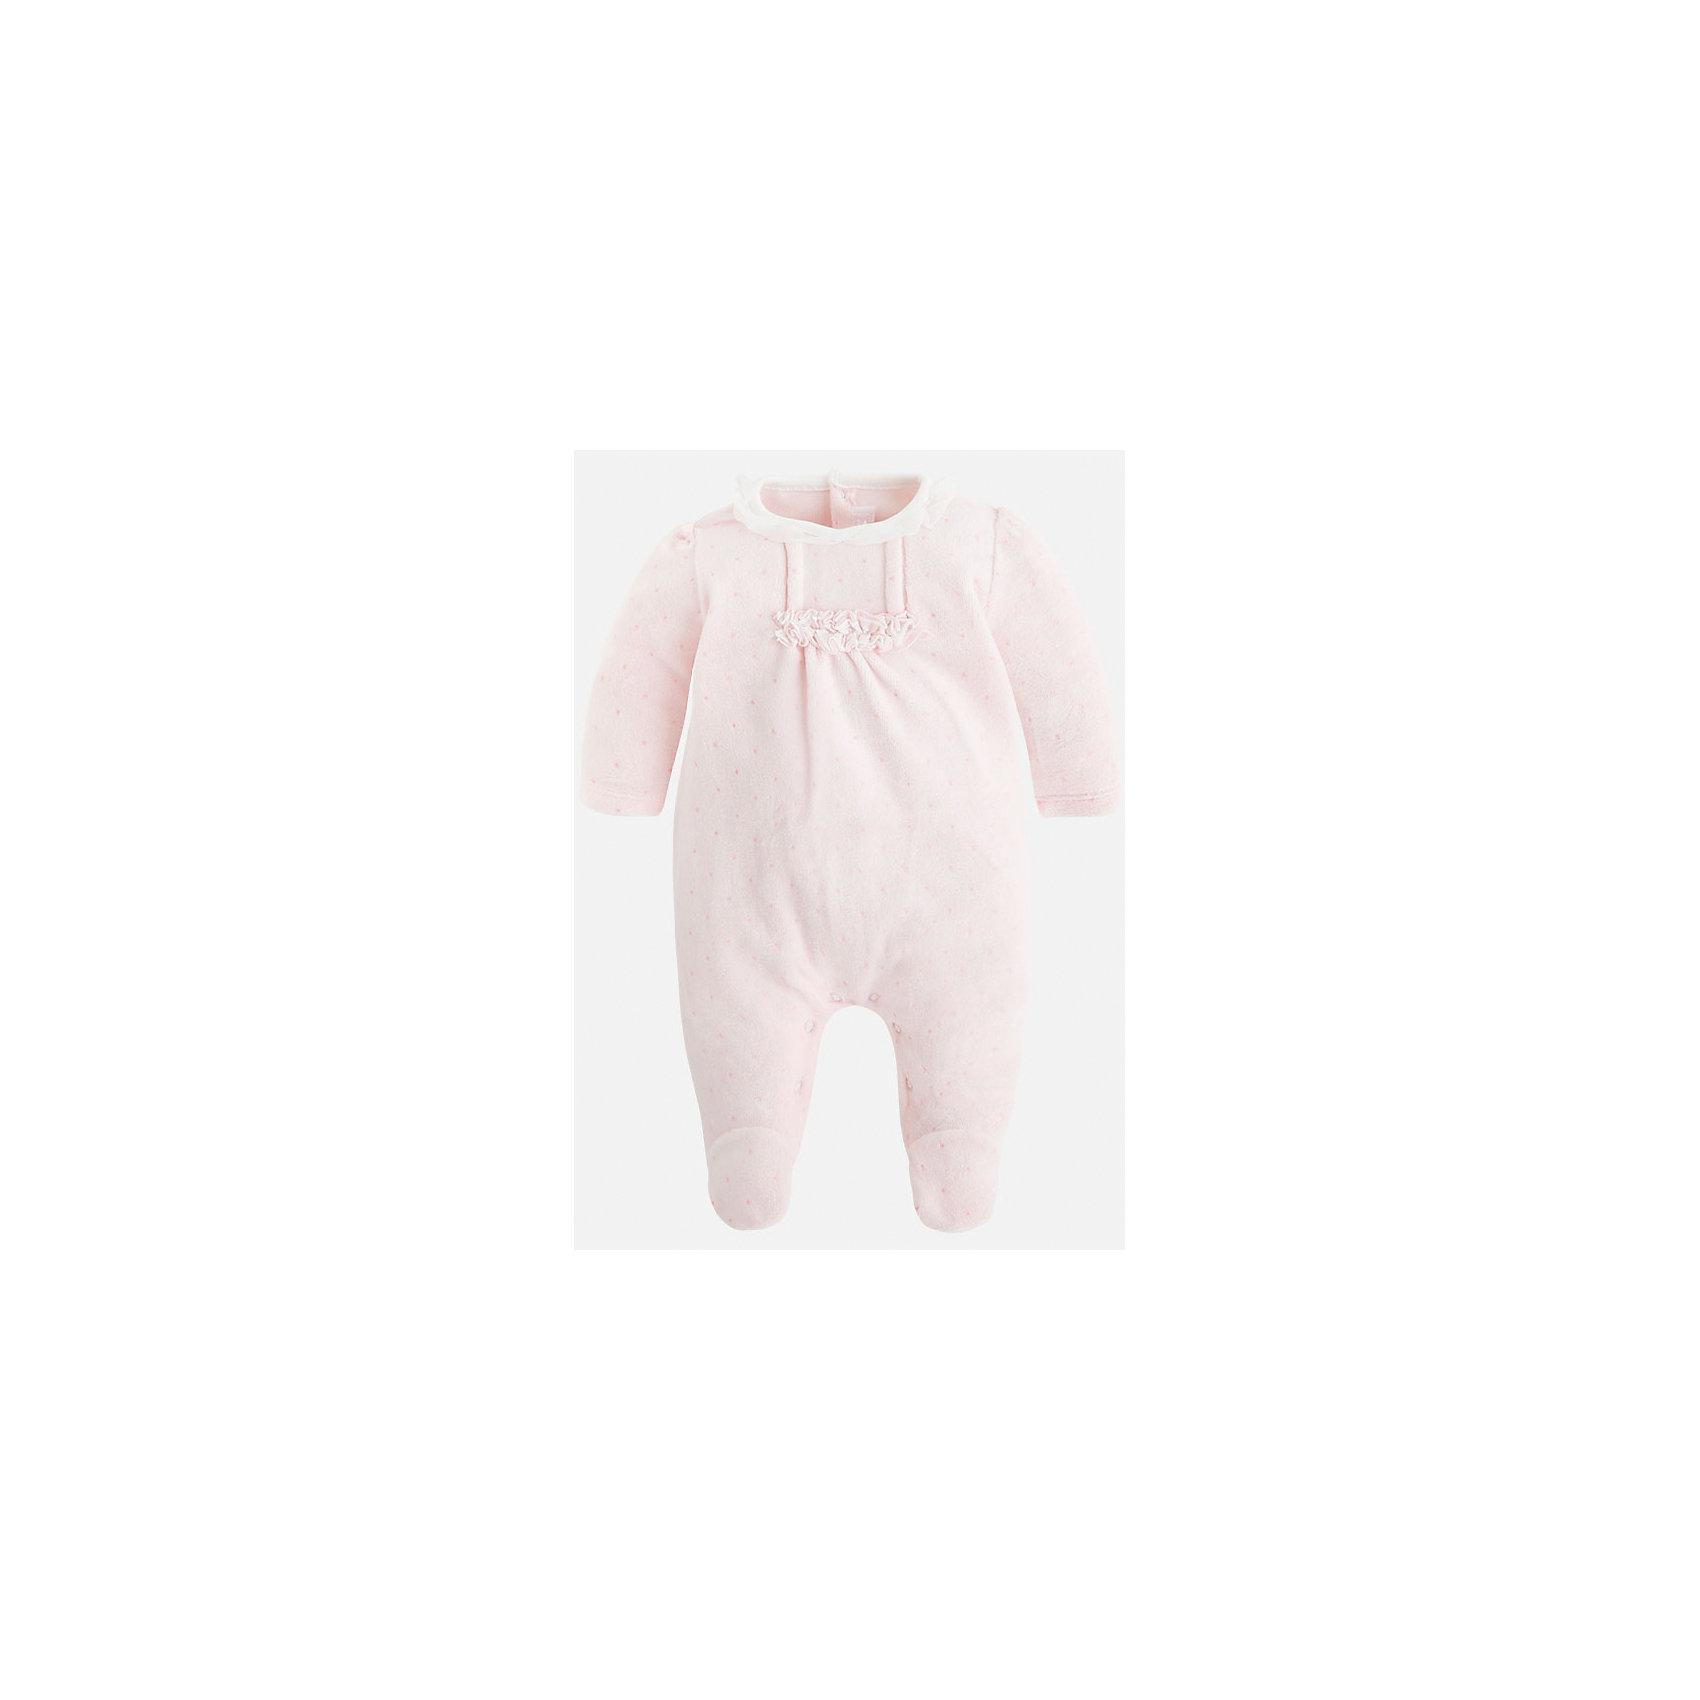 Пижама для девочки MayoralПижама для новорожденных девочек торговой марки    Майорал -Mayoral  <br>- само очарование! Бантик, рюши и цветочный принт для самых юных модниц. Кнопки-застежки внизу на ножках и на спинке, в пижаме закрытые ножки и открытые ручки.<br><br>Дополнительная информация: <br><br>- цвет:  розовый<br>- состав: хлопок 75%, полиэстер 25%<br>- длина рукава: длинные<br>- фактура материала: текстильный<br>- вид застежки: кнопки<br>- уход за вещами: бережная стирка при 30 градусах<br>- рисунок: без  рисунка<br>- назначение: повседневная<br>- сезон: круглогодичный<br>- пол: девочки<br>- страна бренда: Испания<br>- комплектация: пижама<br><br>Пижаму для девочки торговой марки    Майорал  можно купить в нашем интернет-магазине.<br><br>Ширина мм: 281<br>Глубина мм: 70<br>Высота мм: 188<br>Вес г: 295<br>Цвет: розовый<br>Возраст от месяцев: 24<br>Возраст до месяцев: 36<br>Пол: Женский<br>Возраст: Детский<br>Размер: 50,62,56,68<br>SKU: 4846109